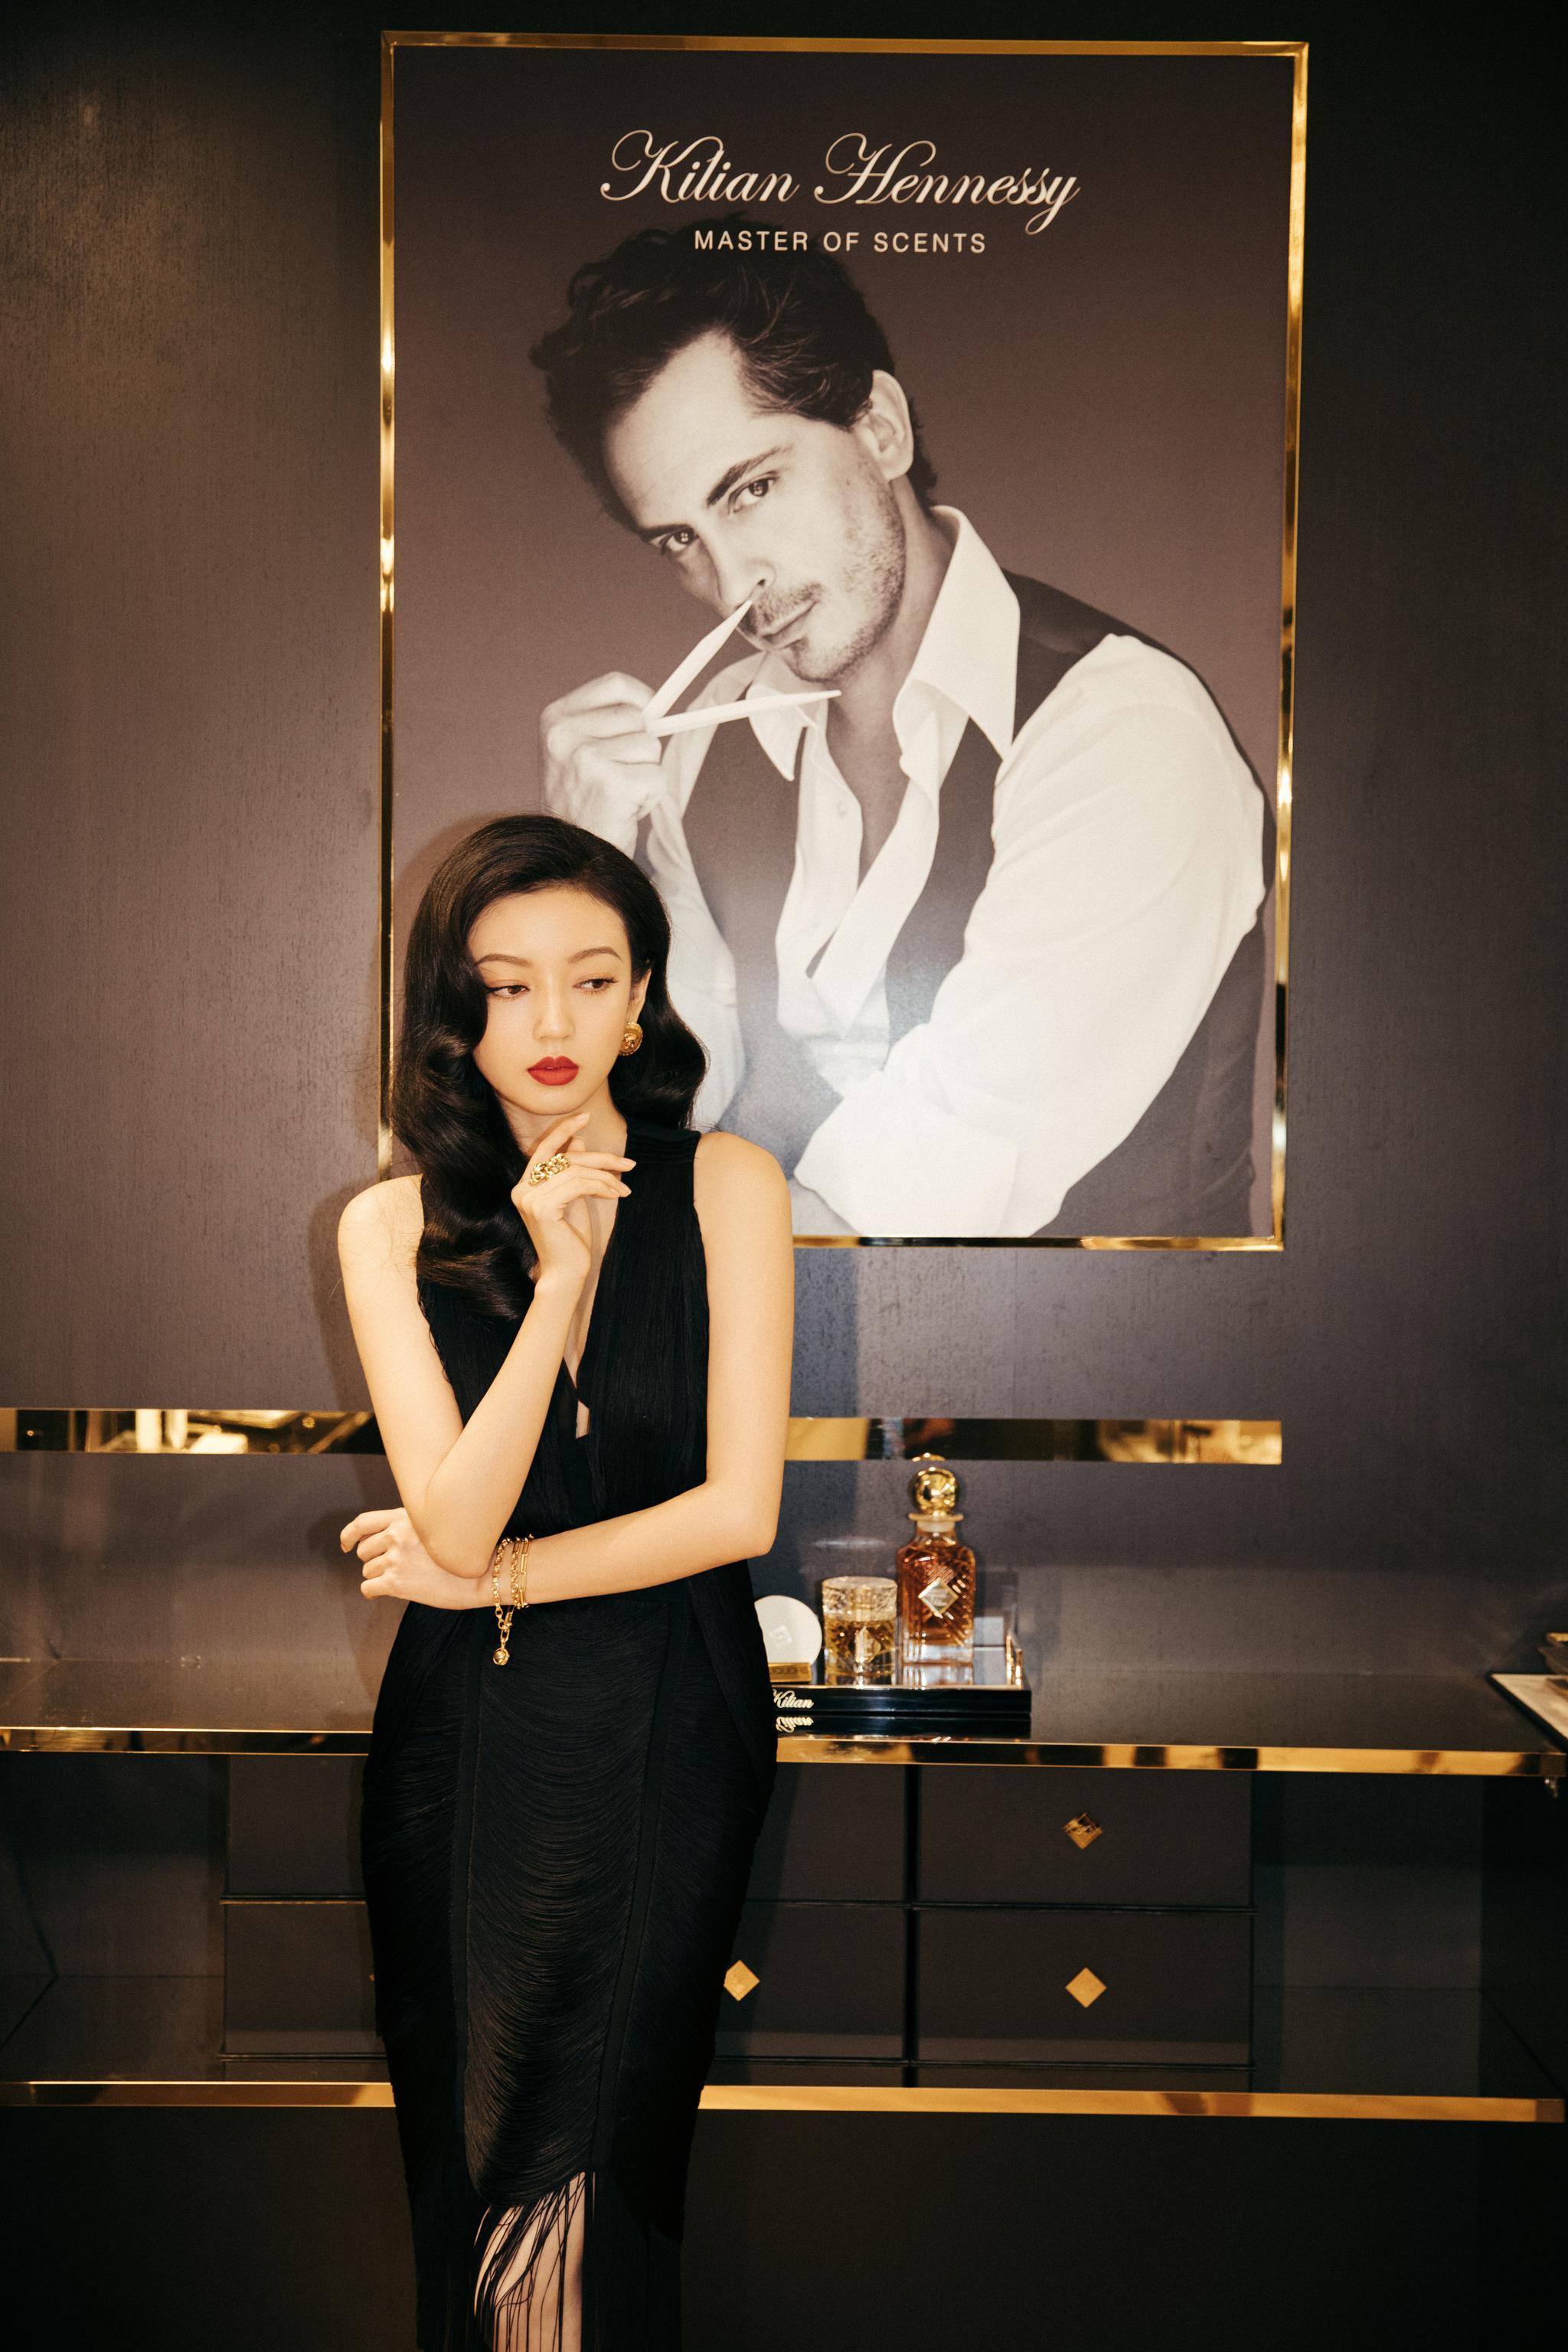 欢娱影视演员@何瑞贤 亮相KILIAN凯利安香氛艺术酒廊活动